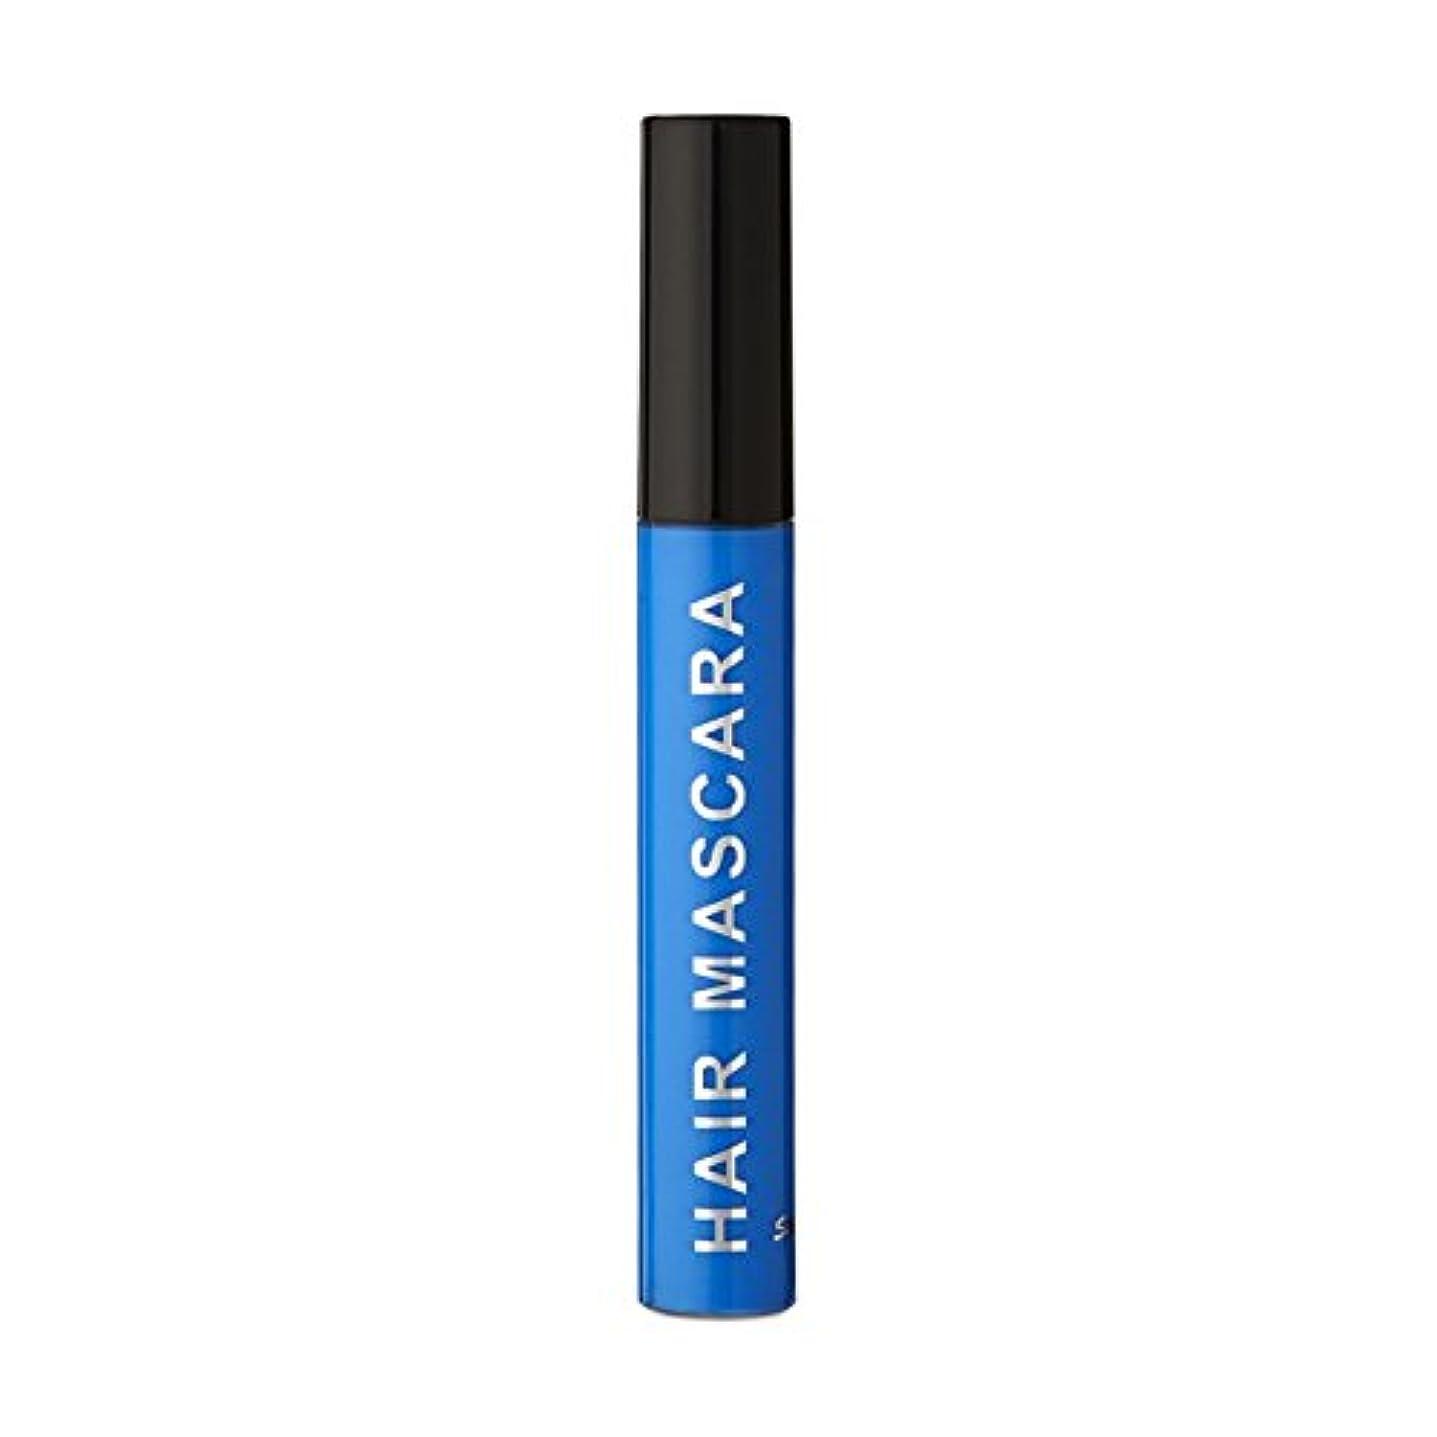 いわゆる正確なフットボールアレス スターゲイザー ヘアマスカラ ブルー(UV) 11g